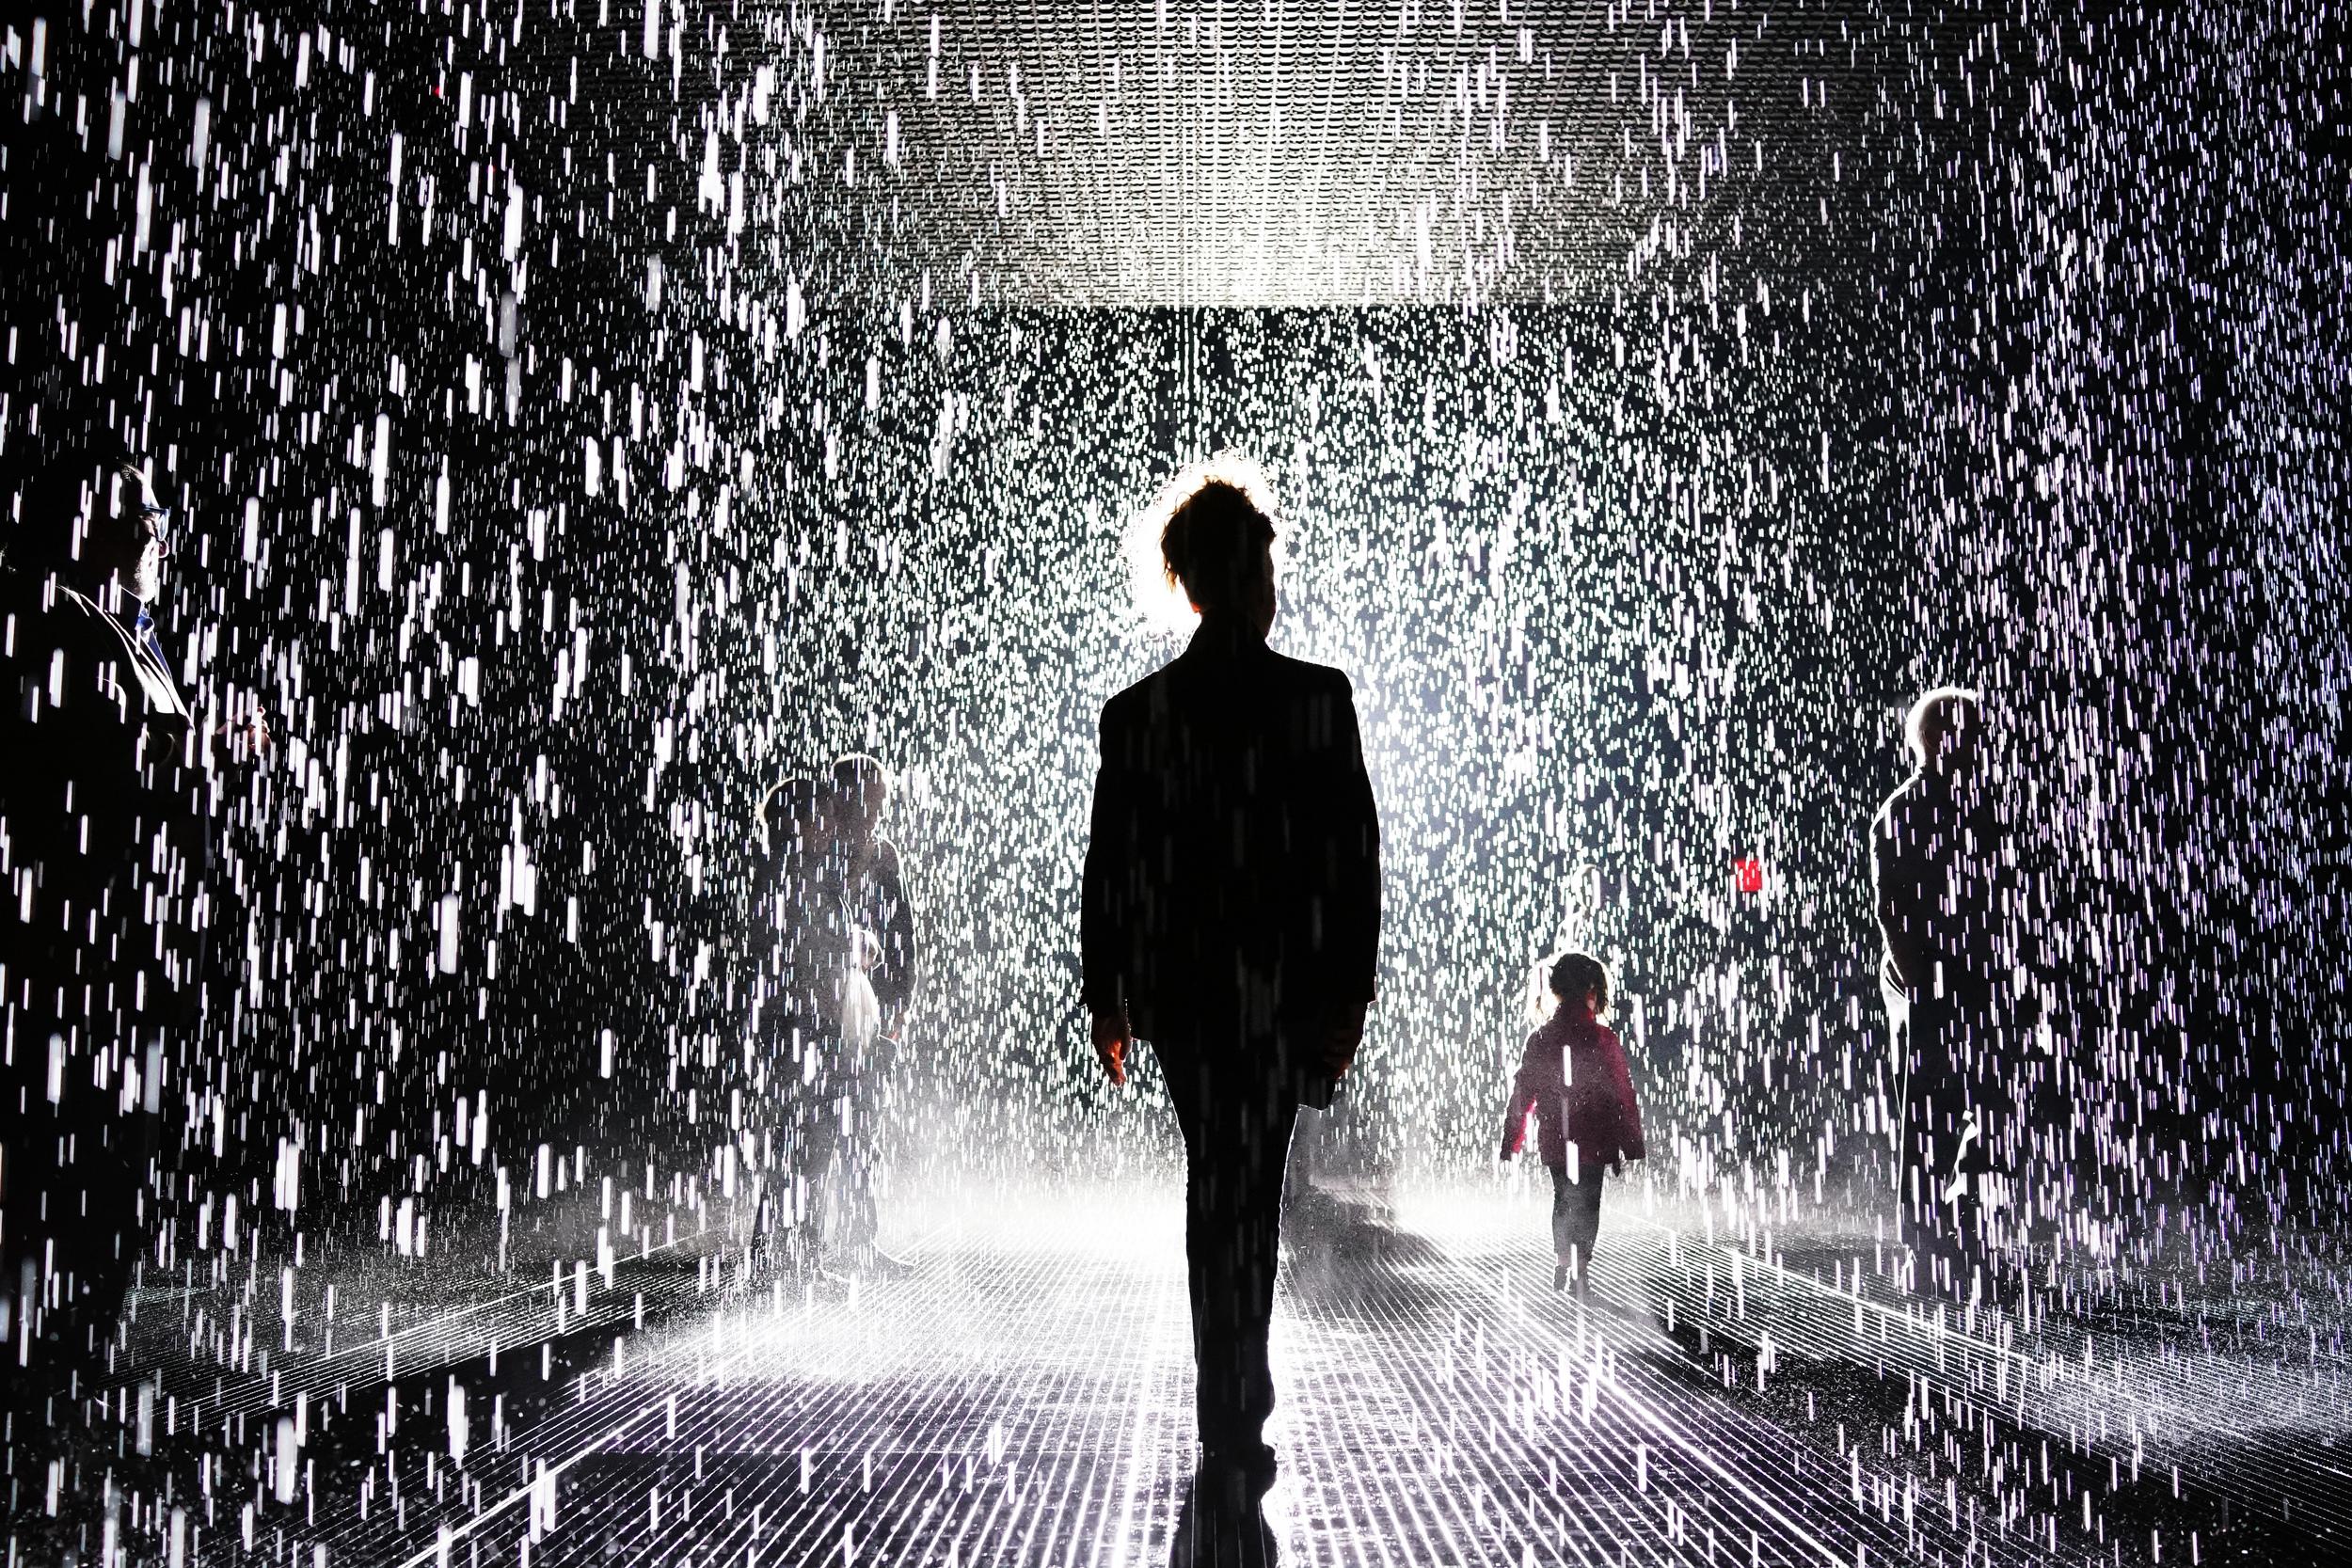 rain-room-2012_8734824167_o.jpg